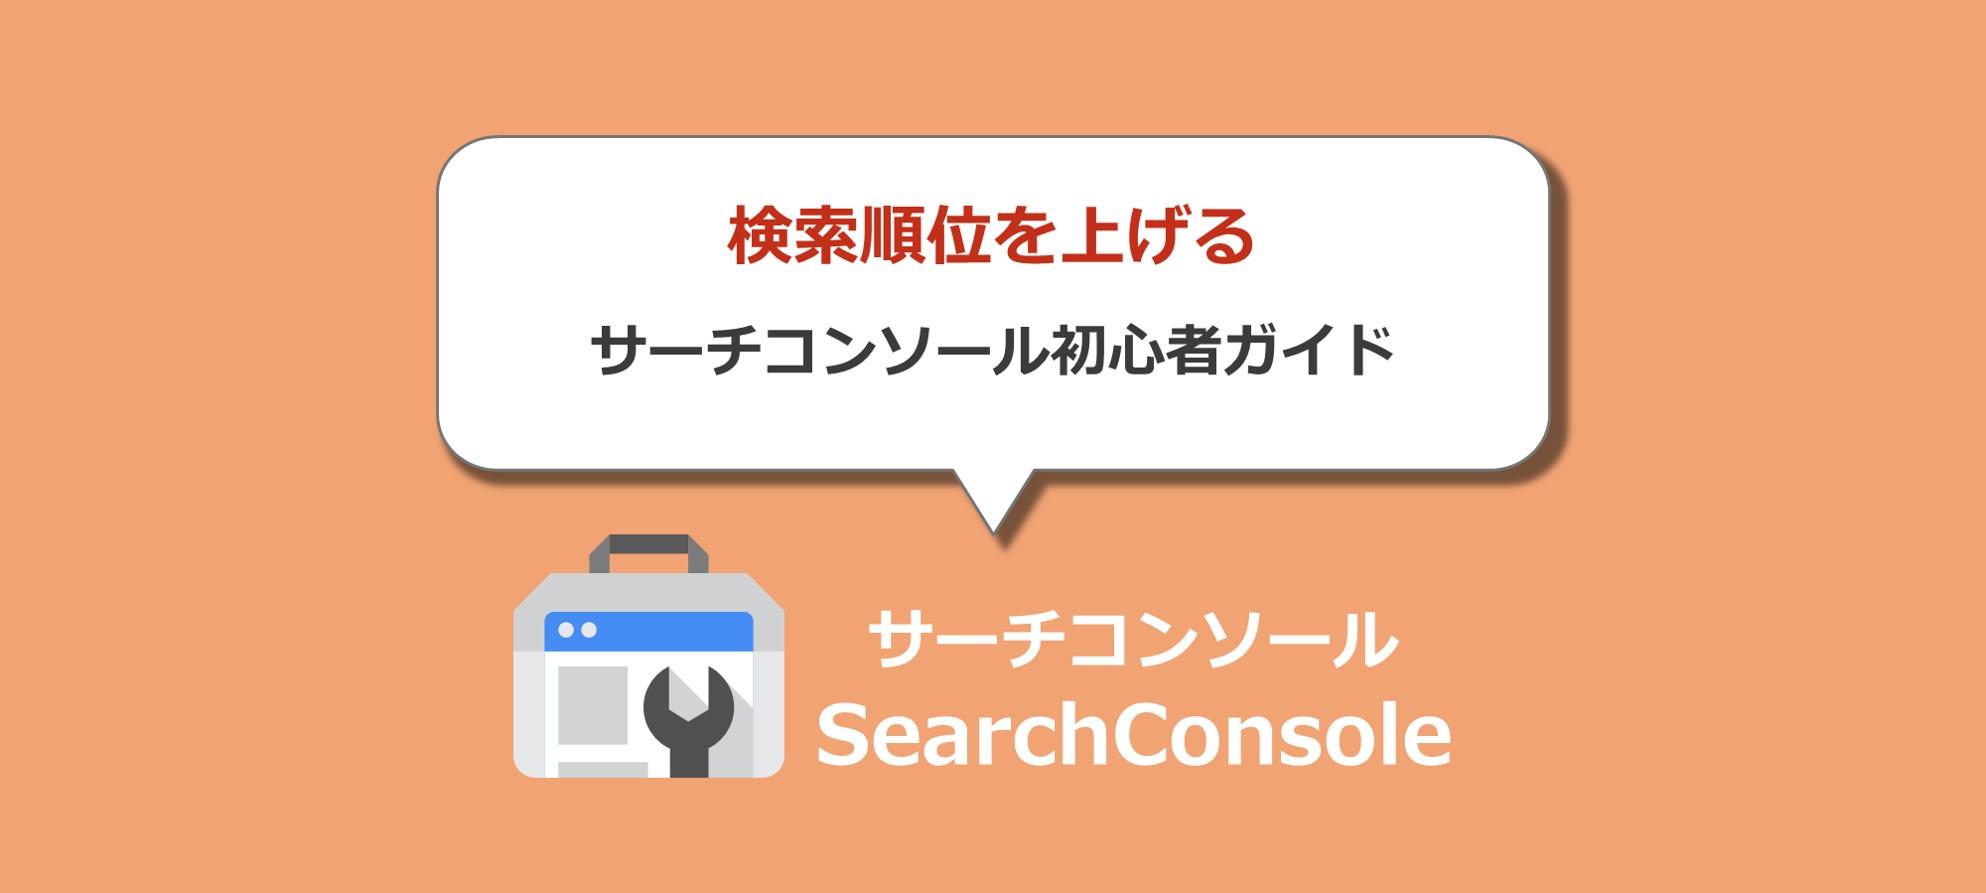 検索結果順位を上げたい初心者が知るべきサーチコンソールの使い方